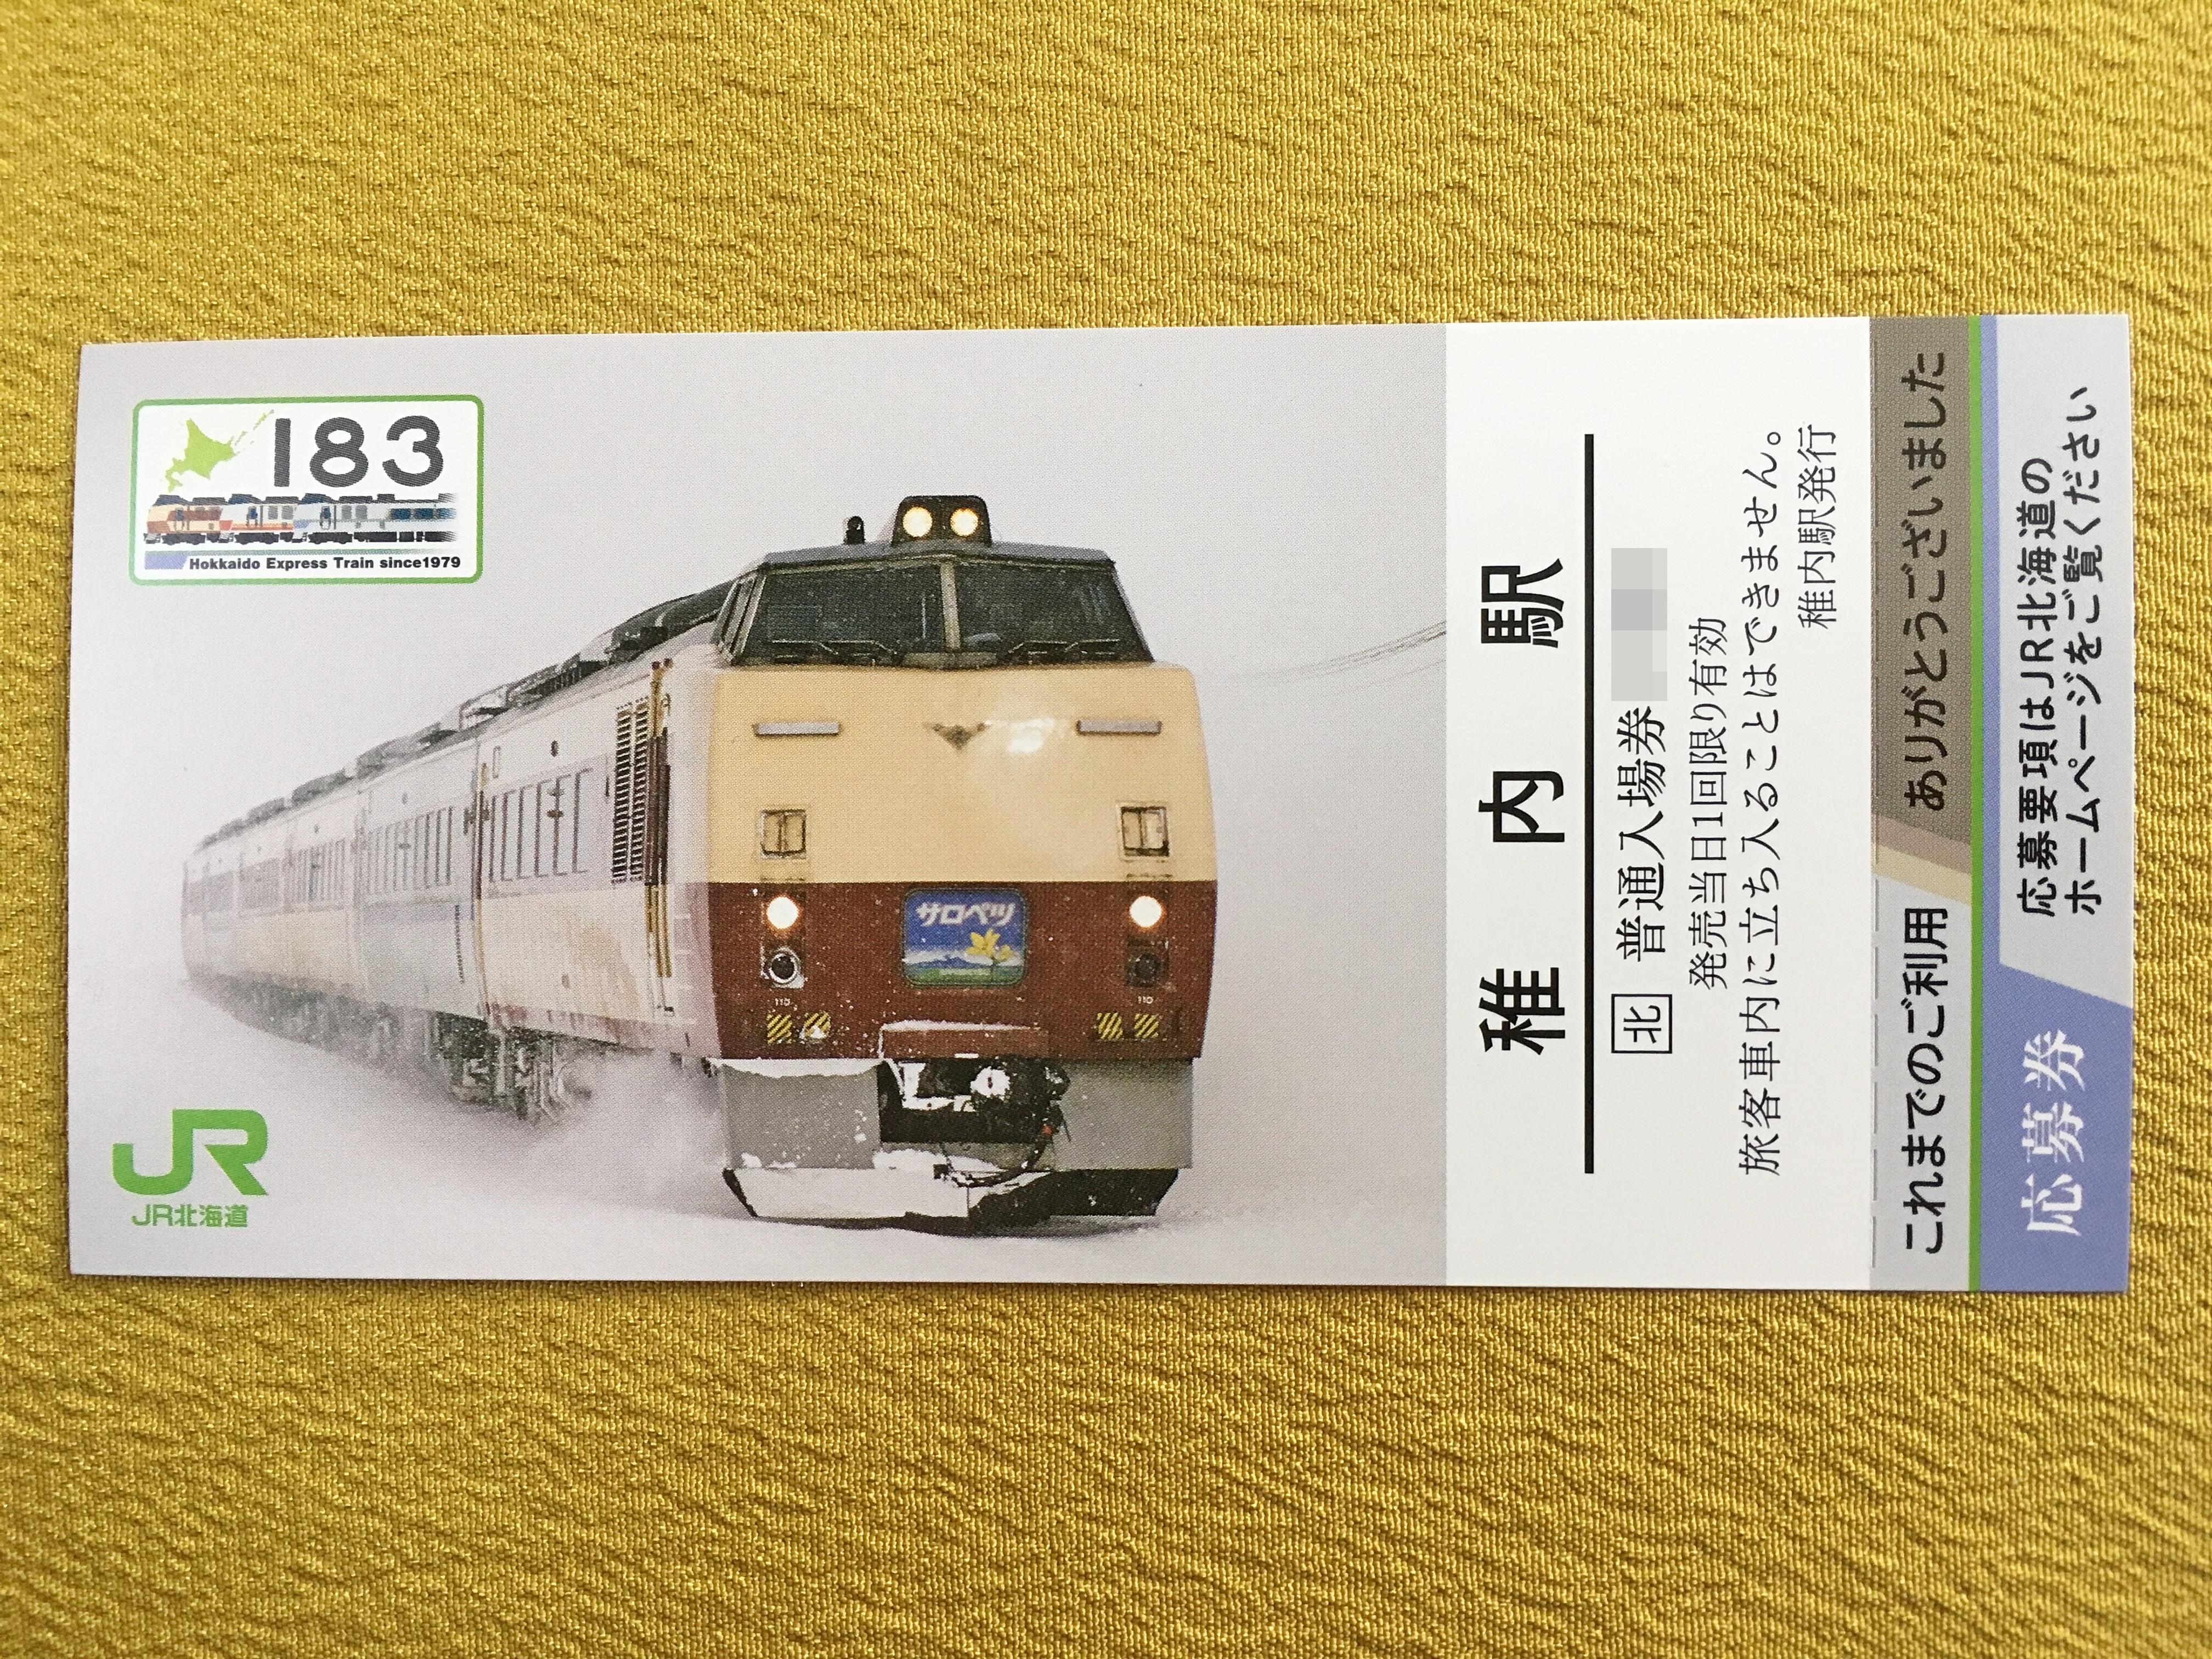 キハ183-0系記念入場券 稚内駅表.JPG